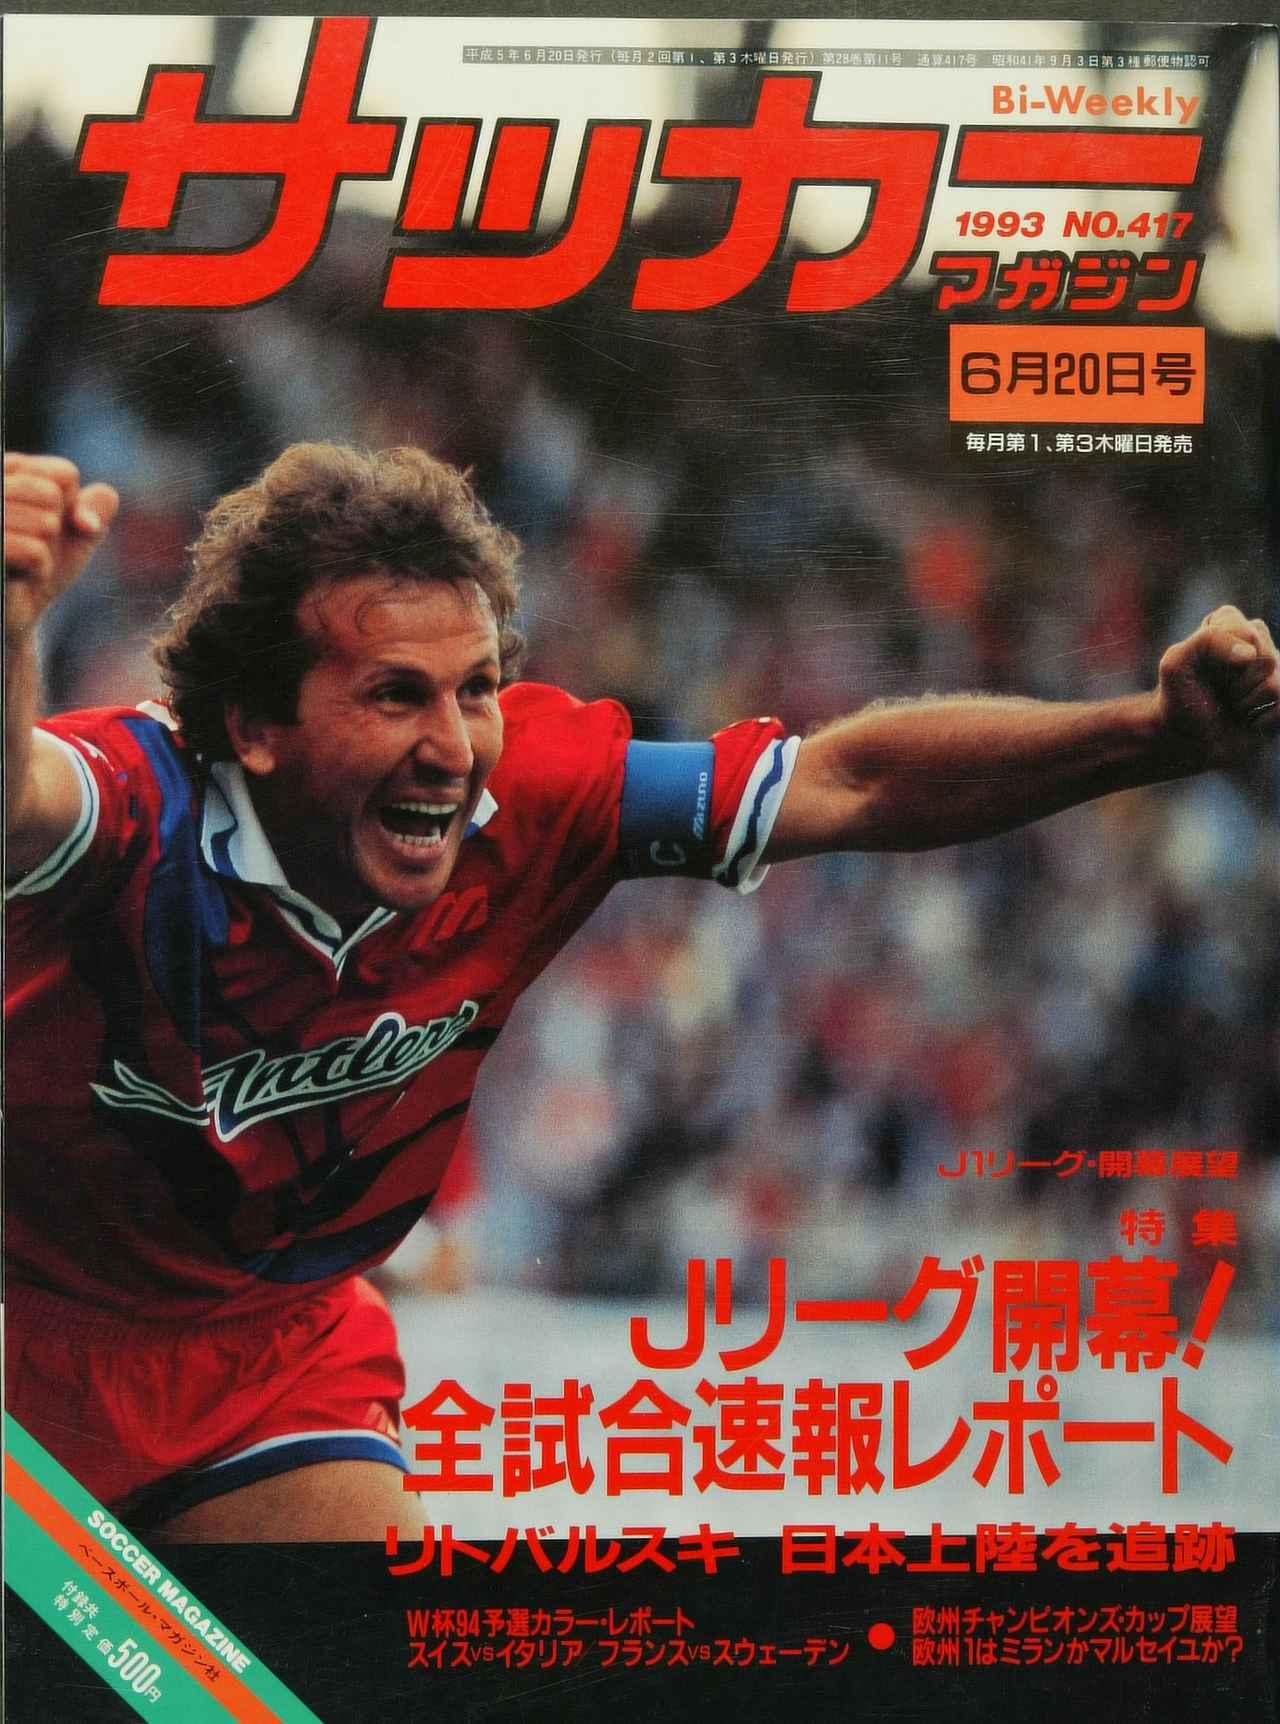 画像: サッカーマガジンの1993年6月20日号の表紙は、Jリーグの歴史的な開幕戦ではなく、鹿島対名古屋で大活躍したジーコだった